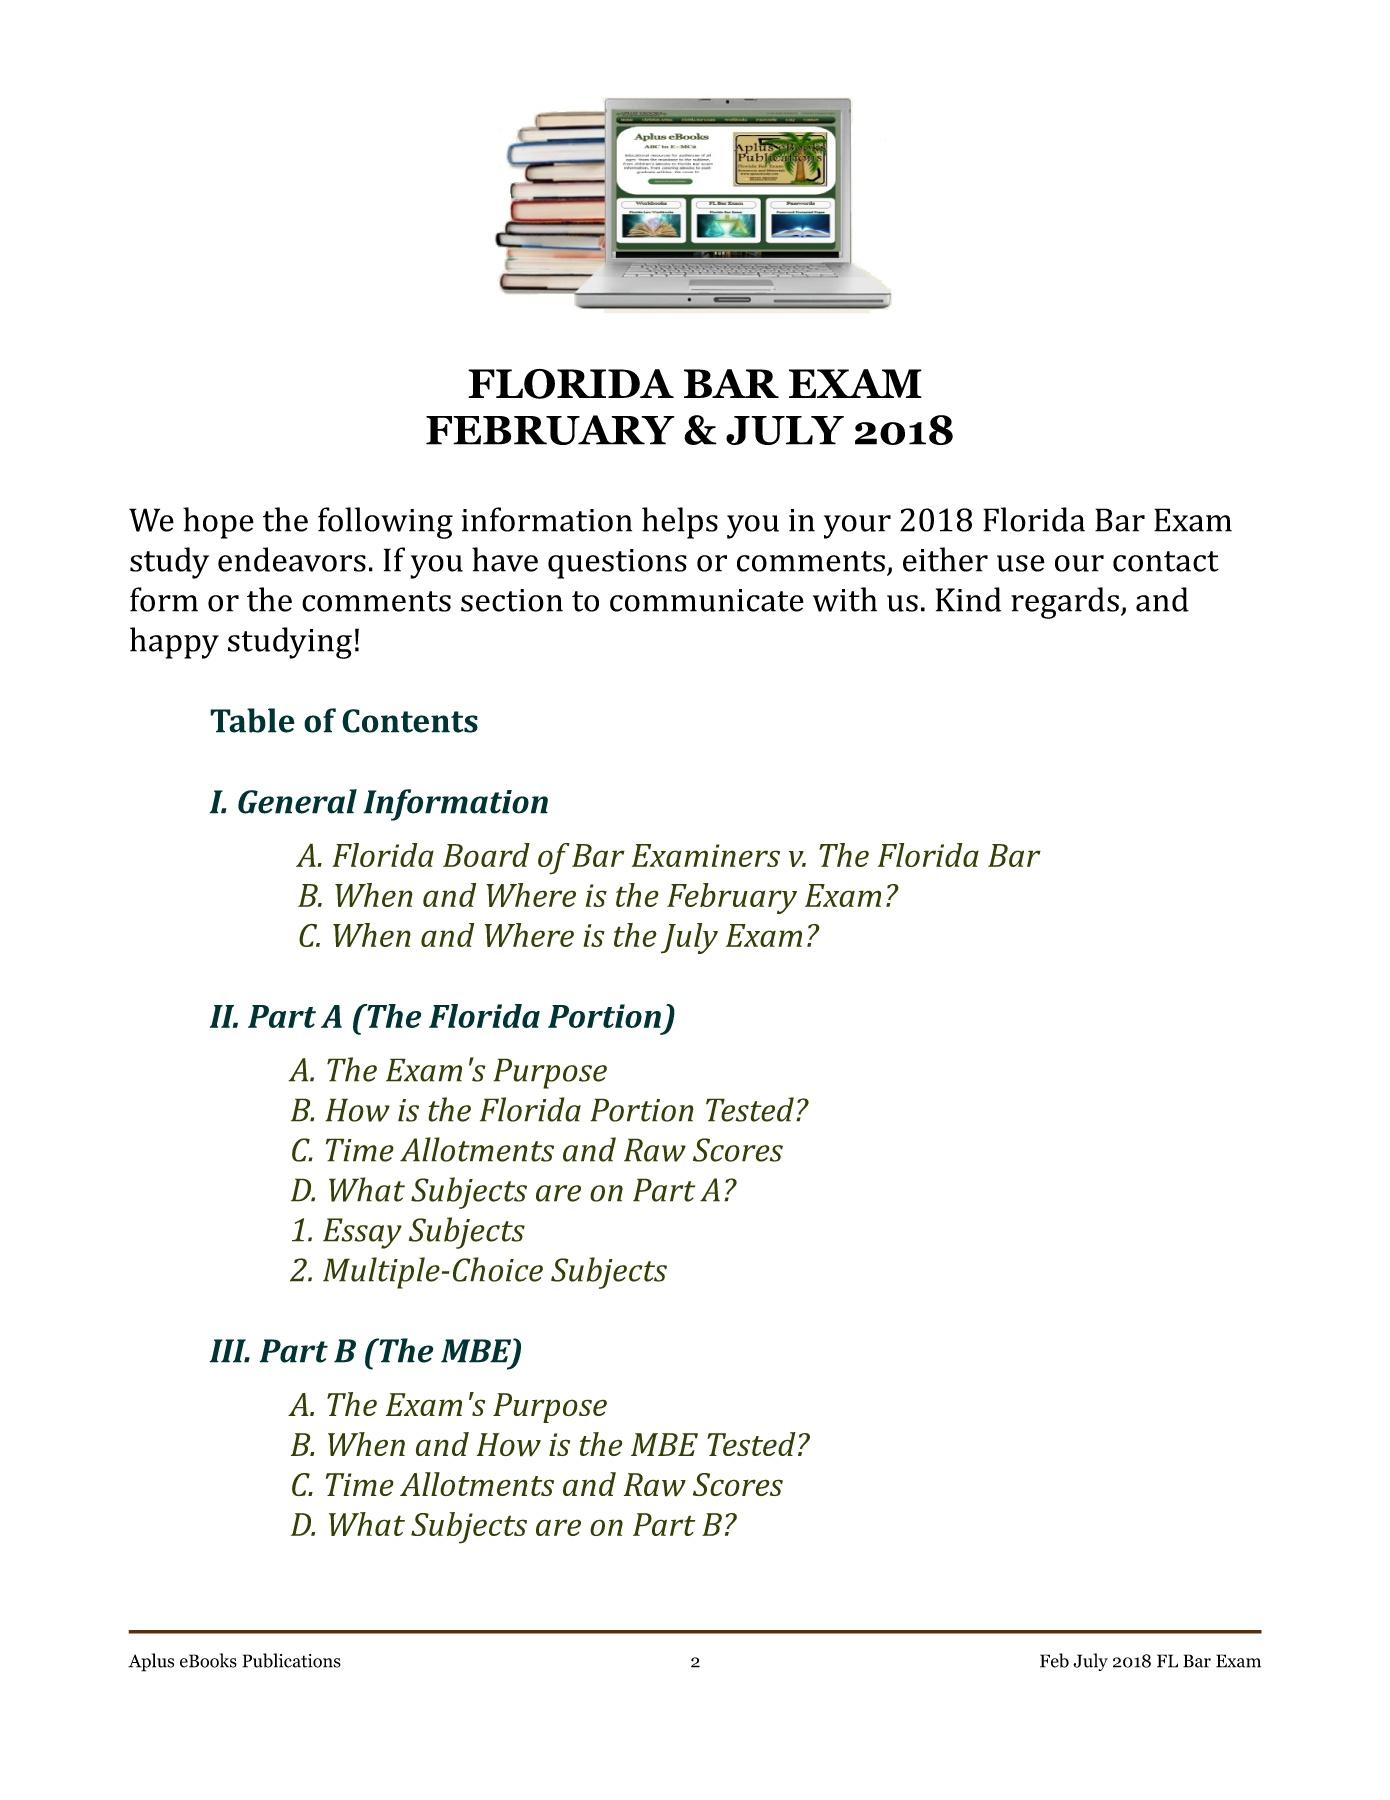 002 Florida Bar Essays Essay Exceptional July 2018 Exam 2017 Feb Full